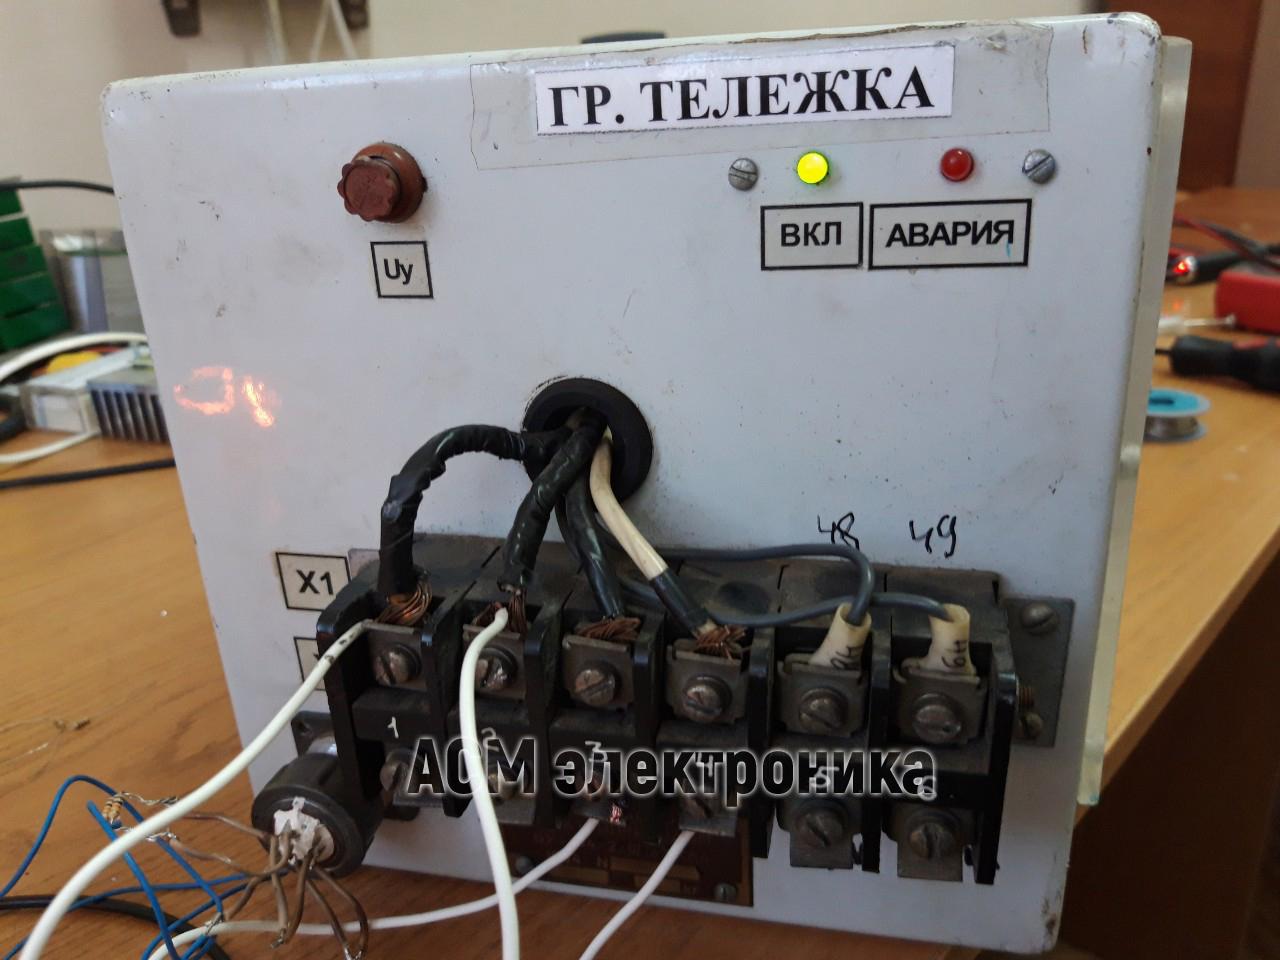 Ремонт блока управления грузовой тележки КРУШ крана КБ-674